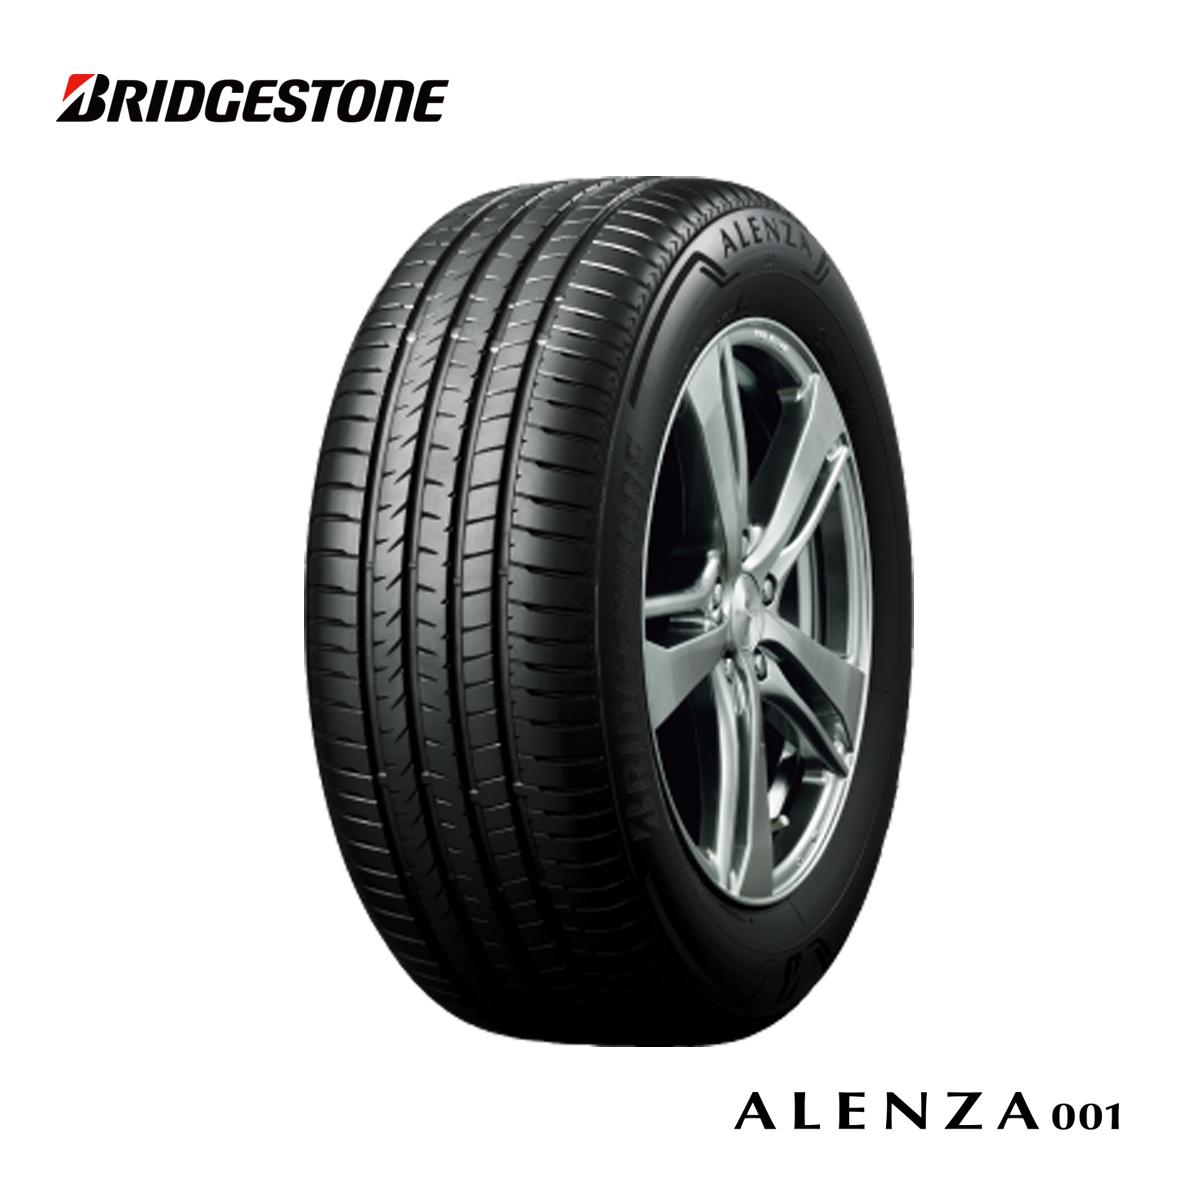 ブリヂストン BS 20インチ タイヤ 275/45R20 275 45 20 アレンザ サマー タイヤ 4本 SUV 夏 サマー タイヤ BRIDGESTONE ALENZA 001